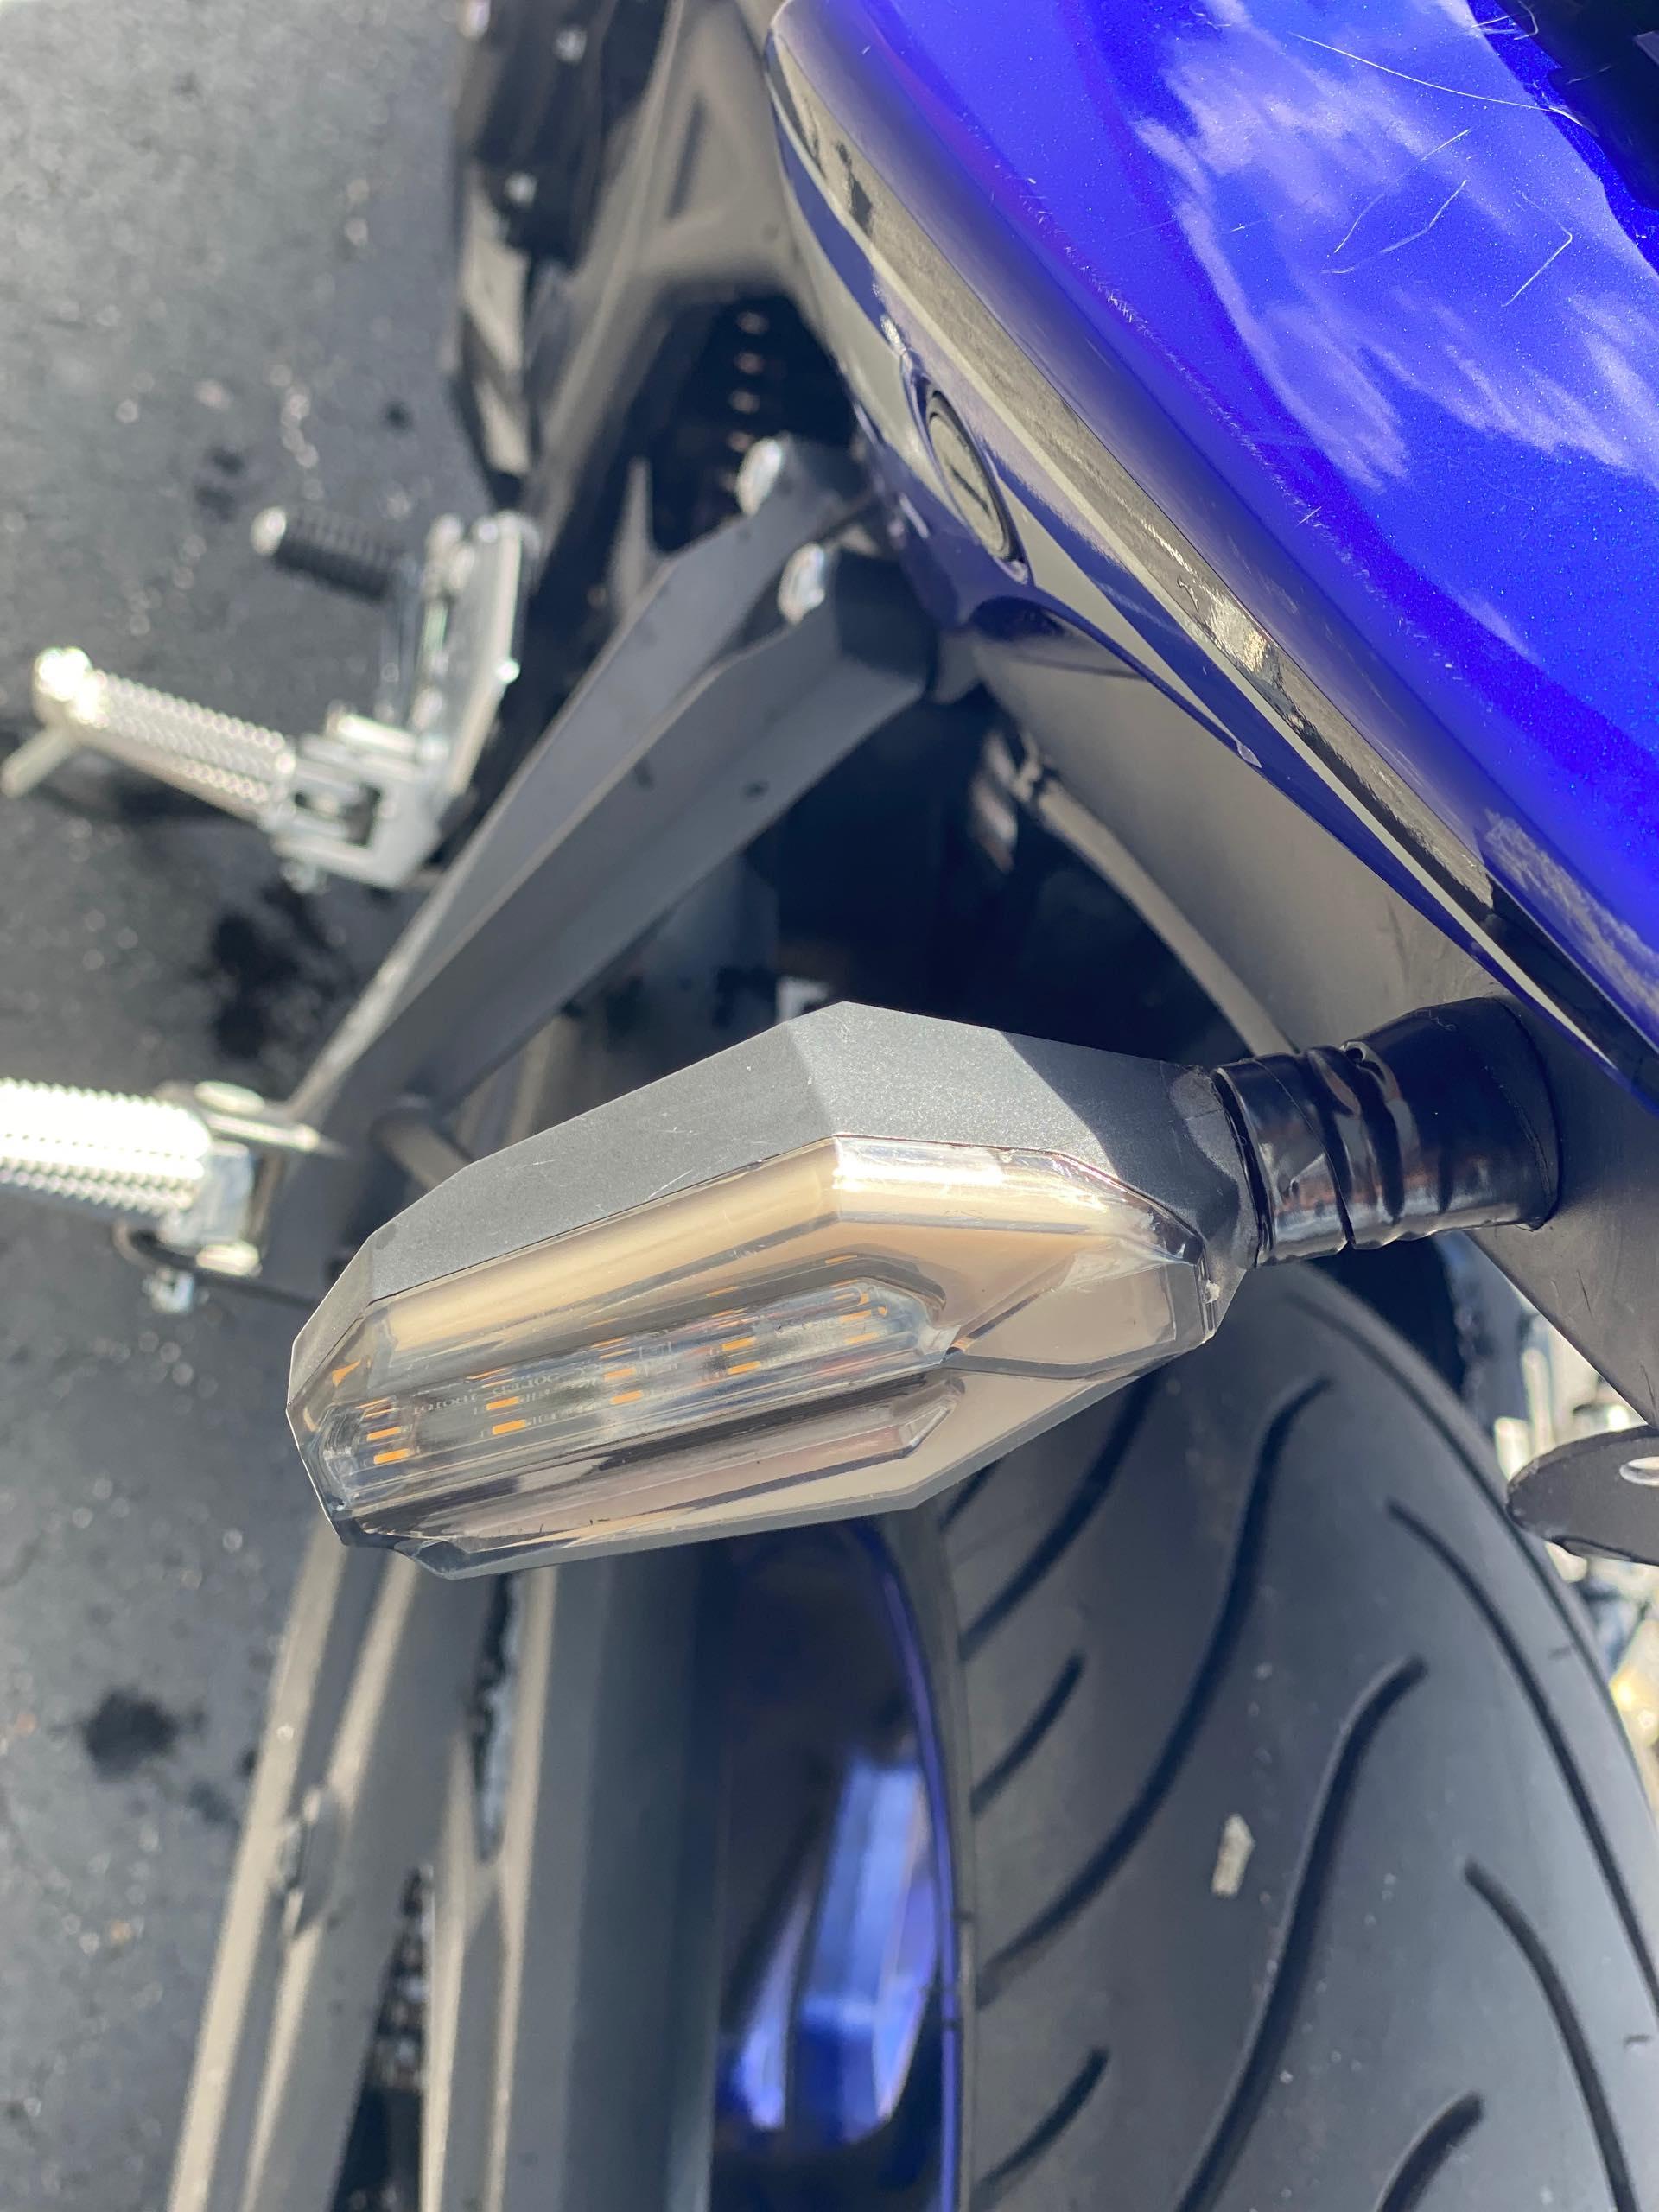 2016 Yamaha YZF R3 at Thunder Harley-Davidson